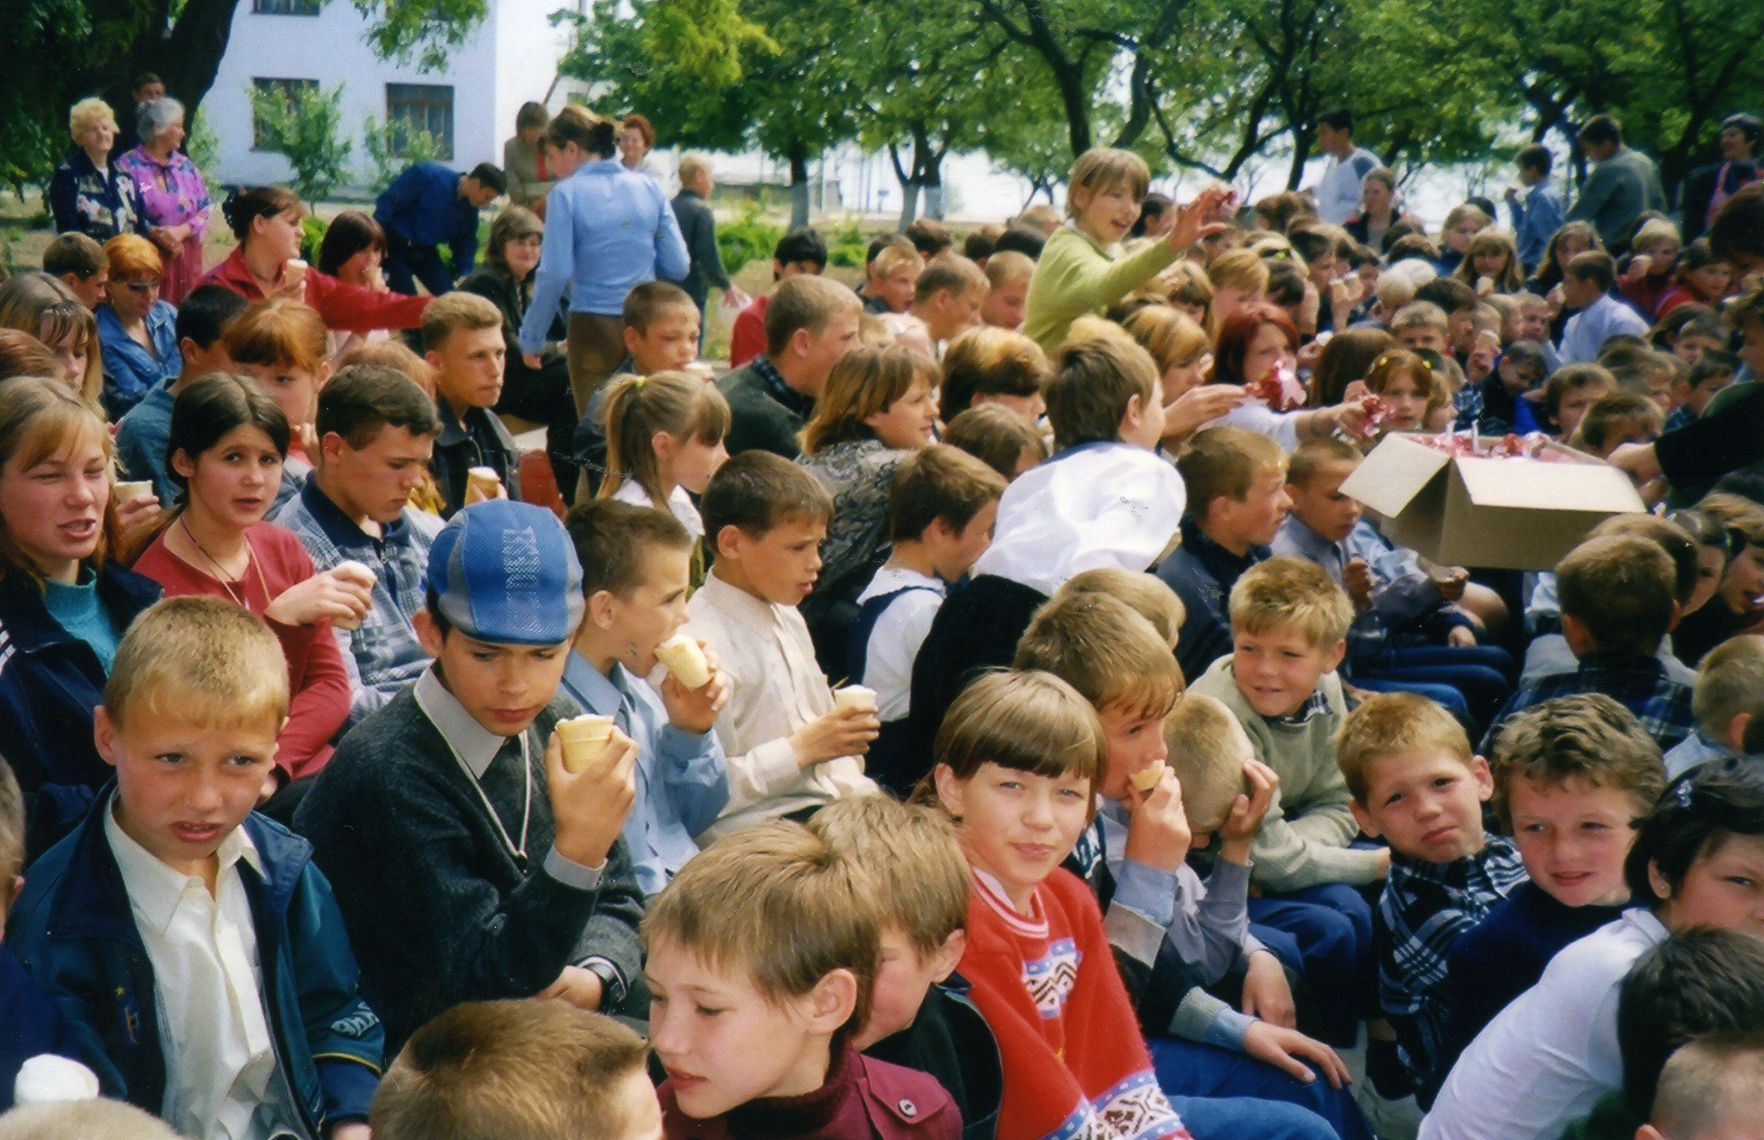 2004-Ochakov_Concert-Event_04-compressor.jpg